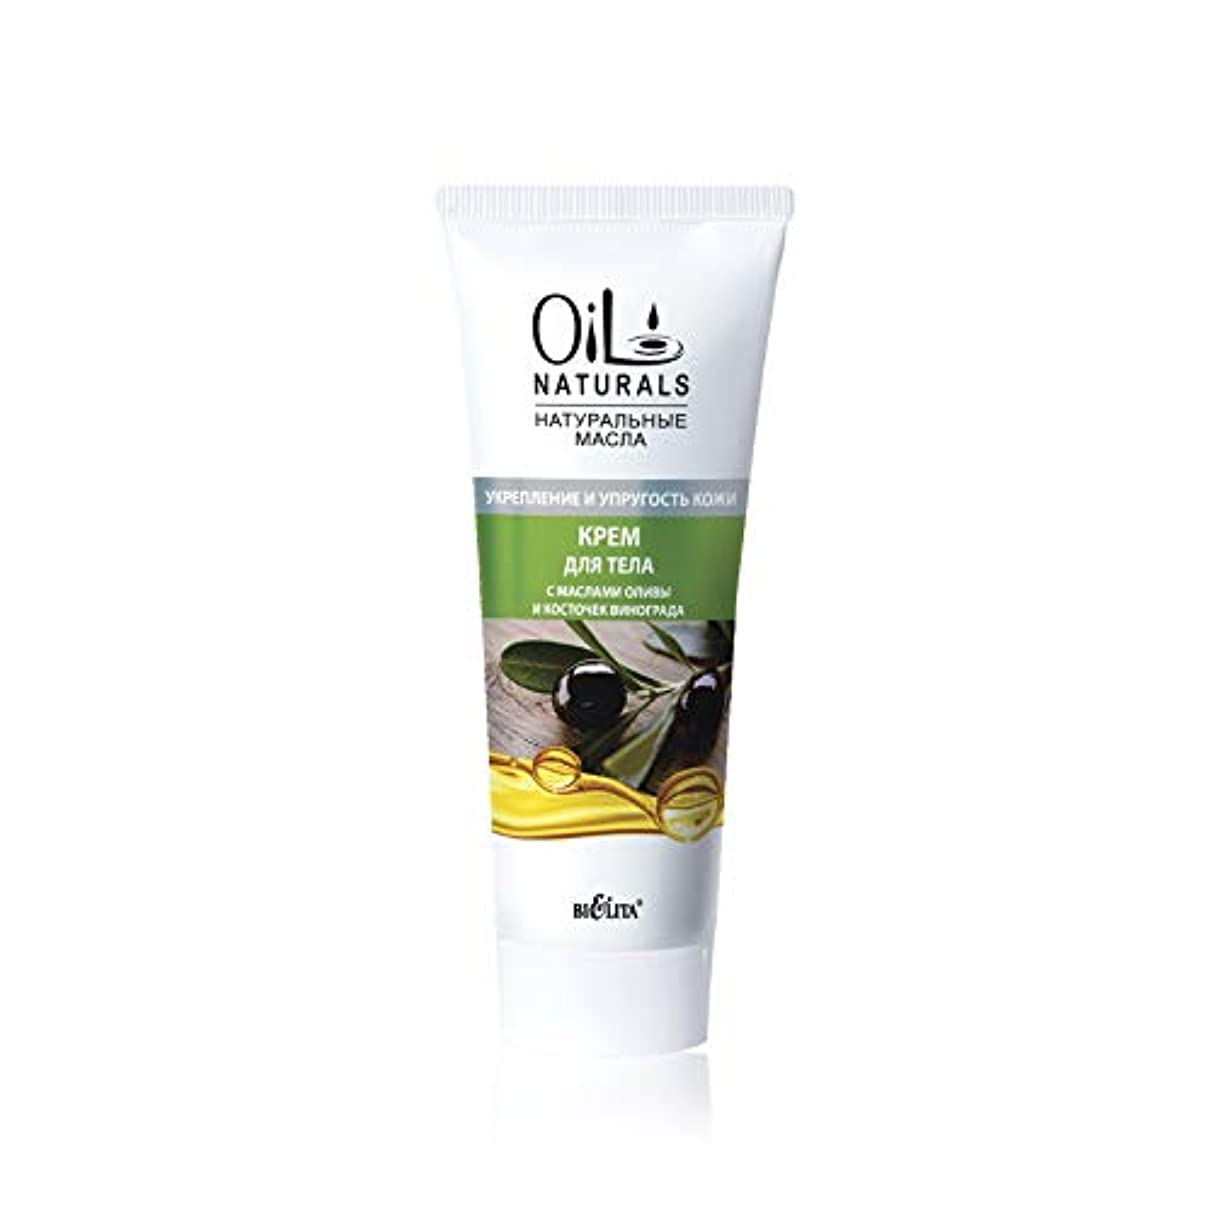 申し立てるスキニーメディックBielita & Vitex | Oil Naturals Line | Skin Firming & Moisturizing Body Cream, 200 ml | Olive Oil, Silk Proteins, Grape Seed Oil, Shea Butter, Ginger, Vitamins